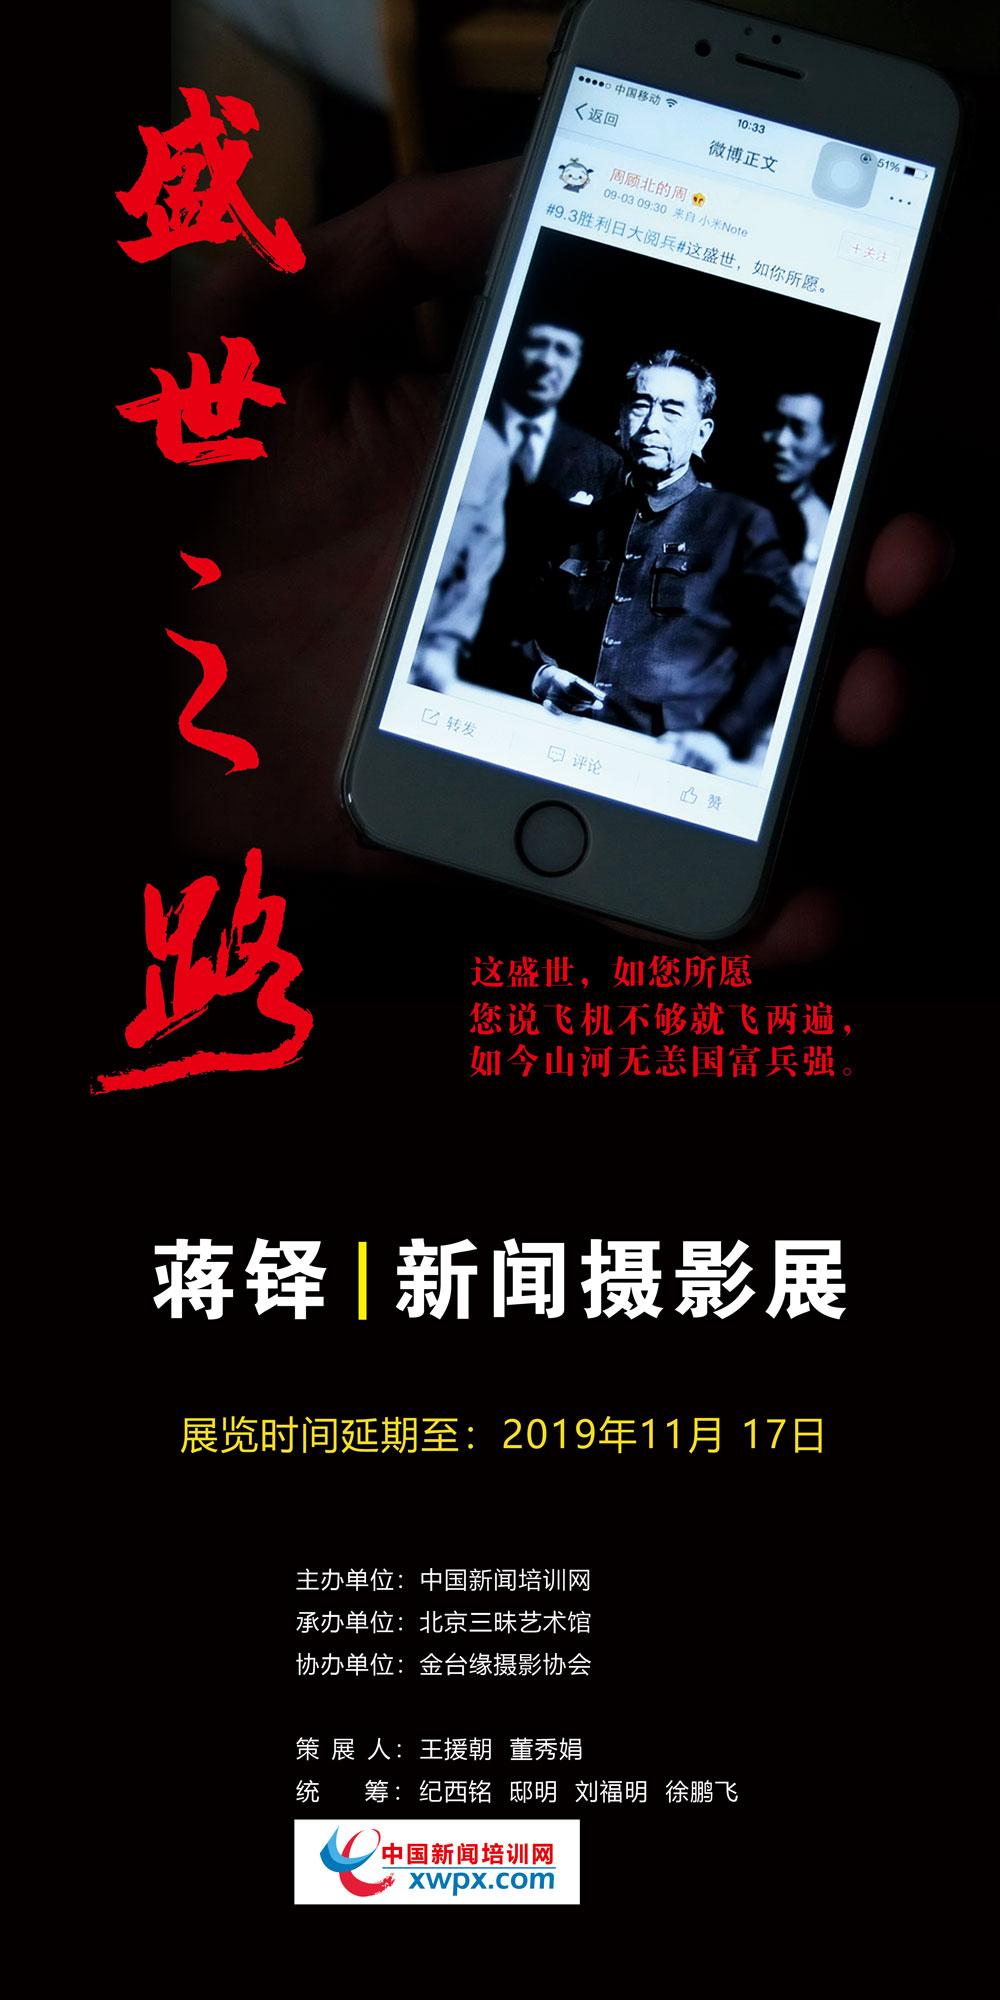 蒋铎新闻摄影展